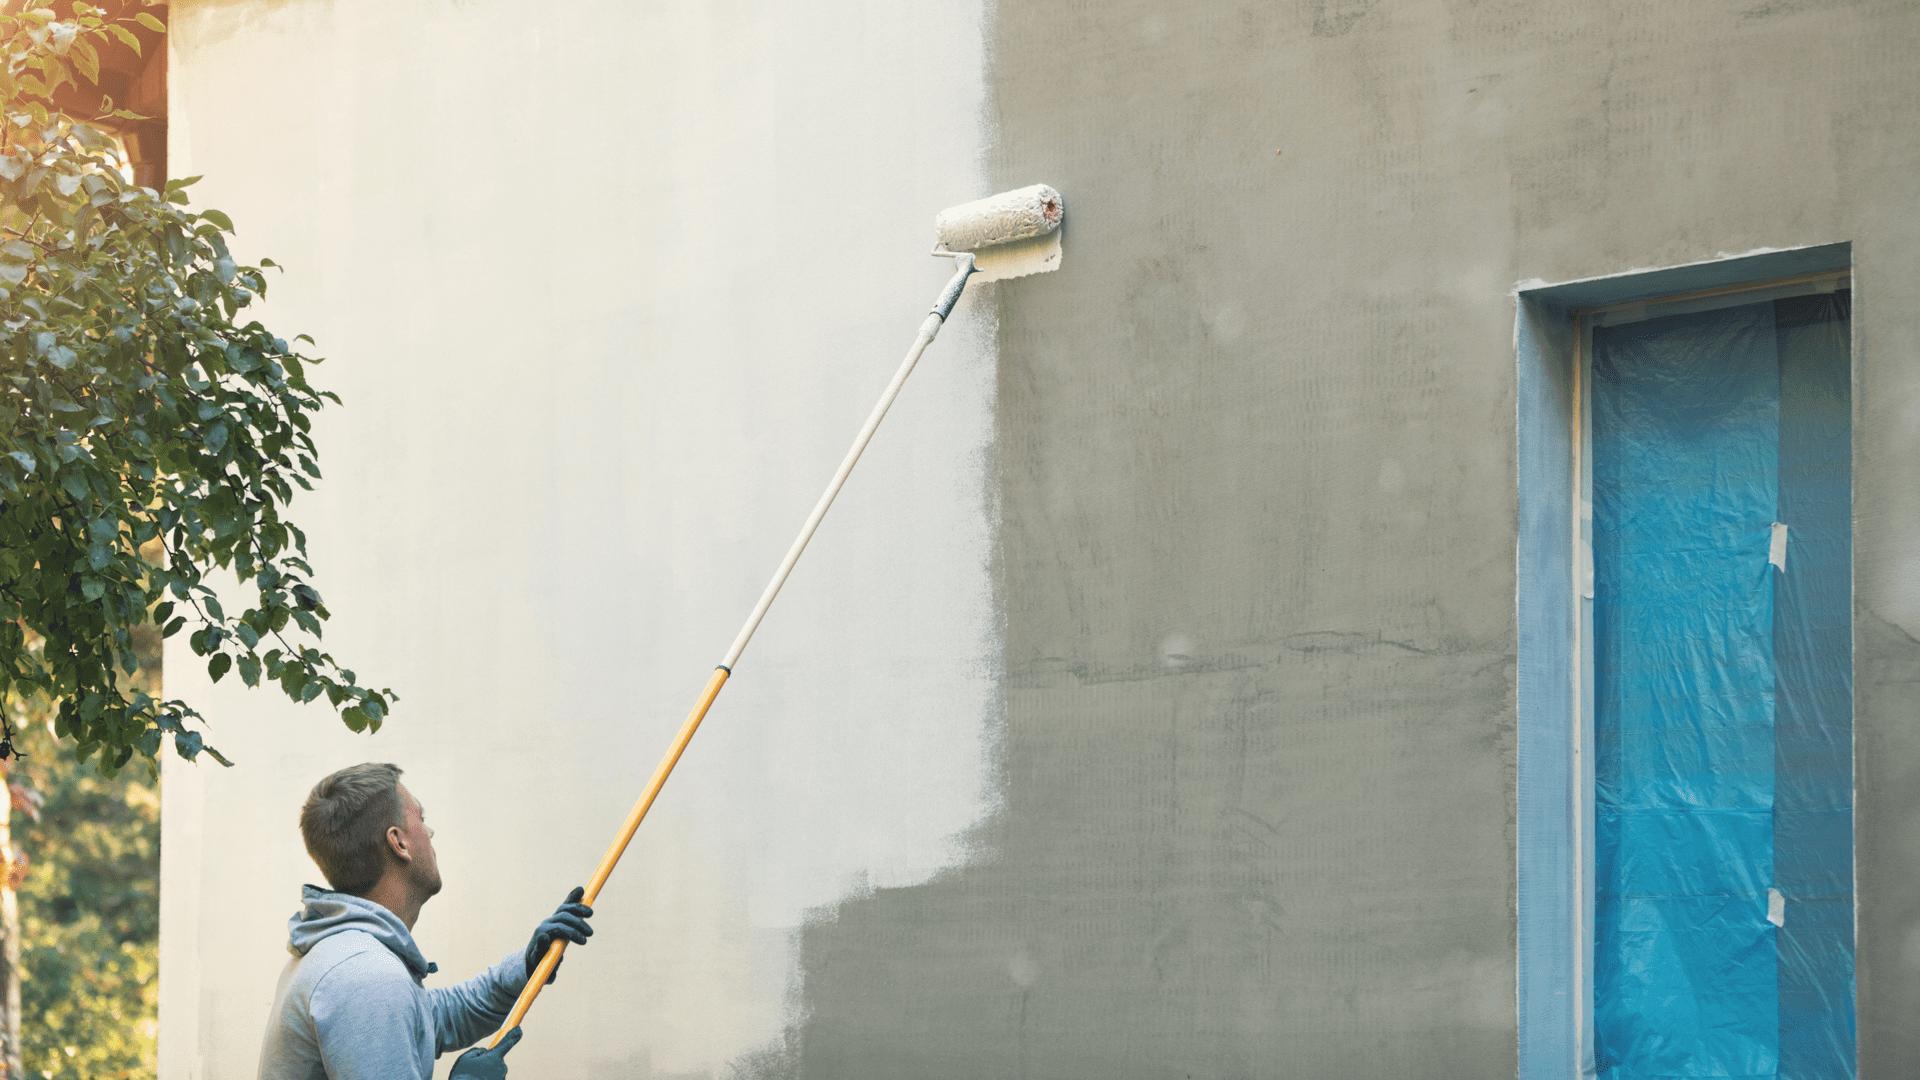 A man doing an exterior home painting job